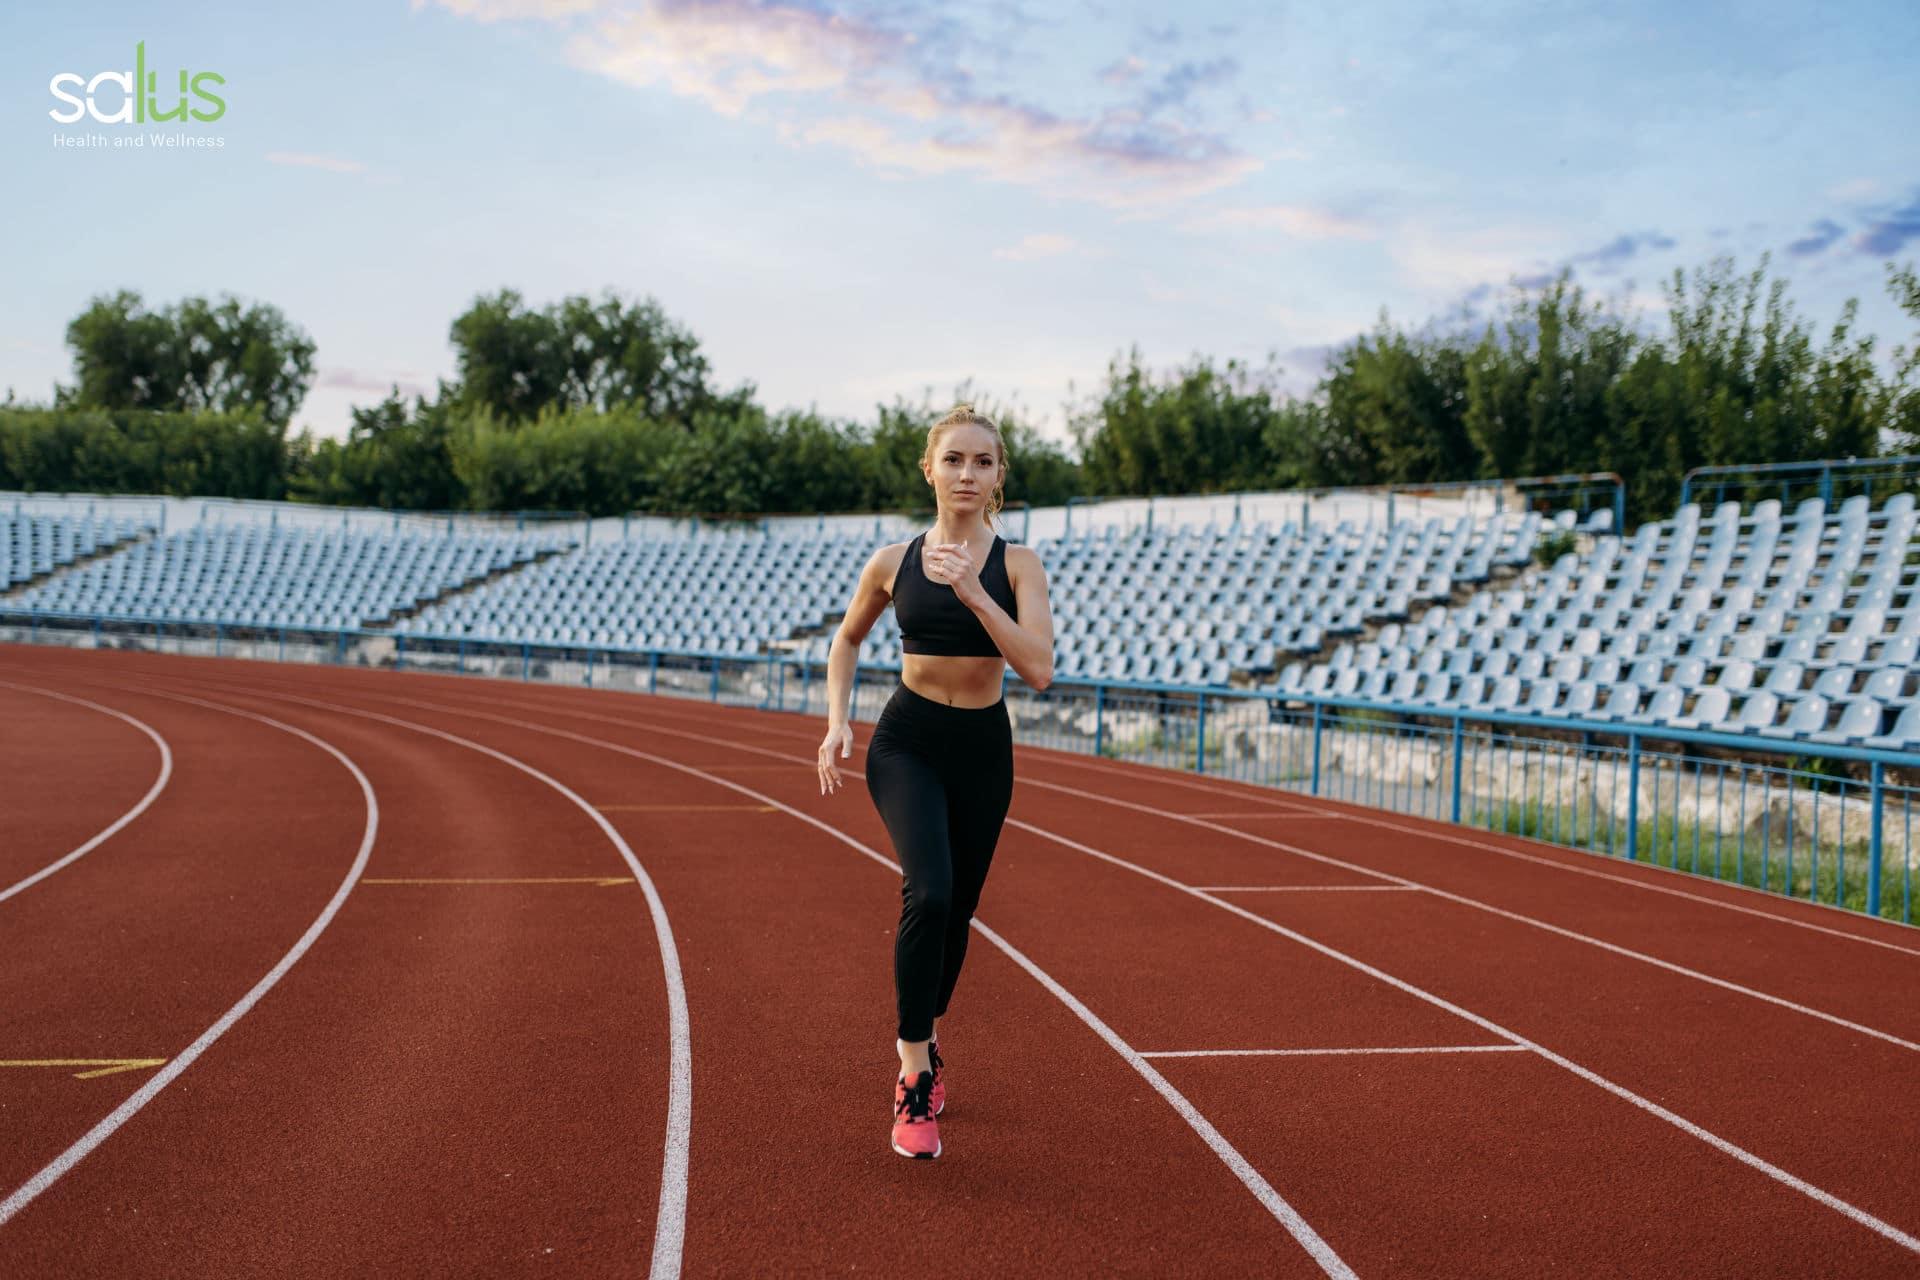 mantenersi-in-forma-meglio-correre-o-camminare